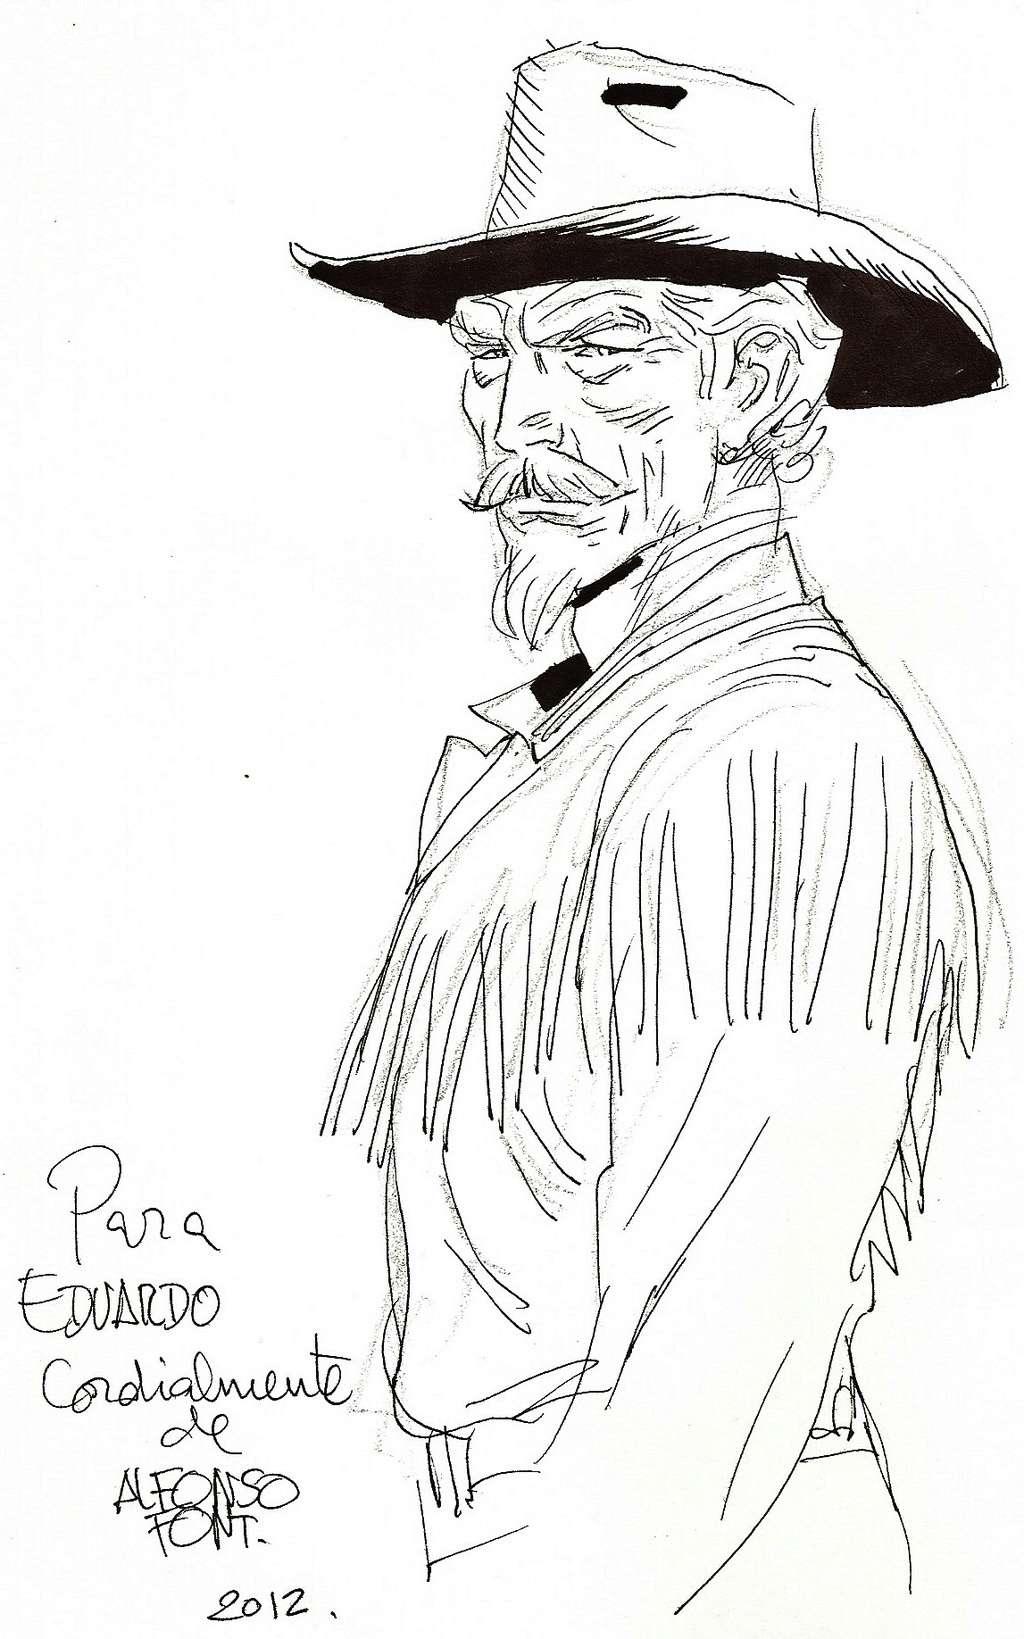 Le monde du western - Page 17 Alfons10